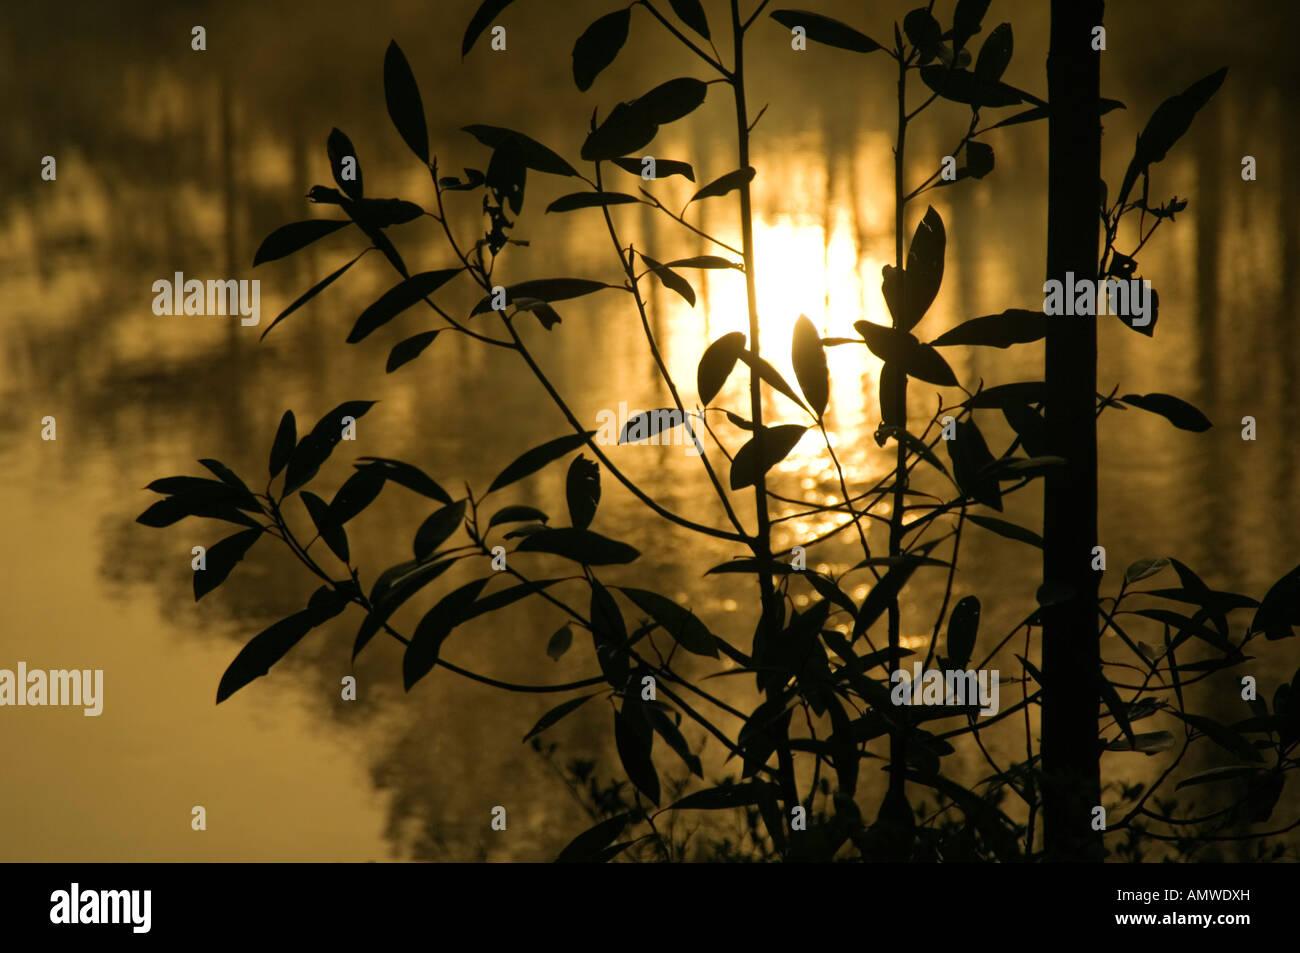 Callaway Garden Stock Photos & Callaway Garden Stock Images - Alamy